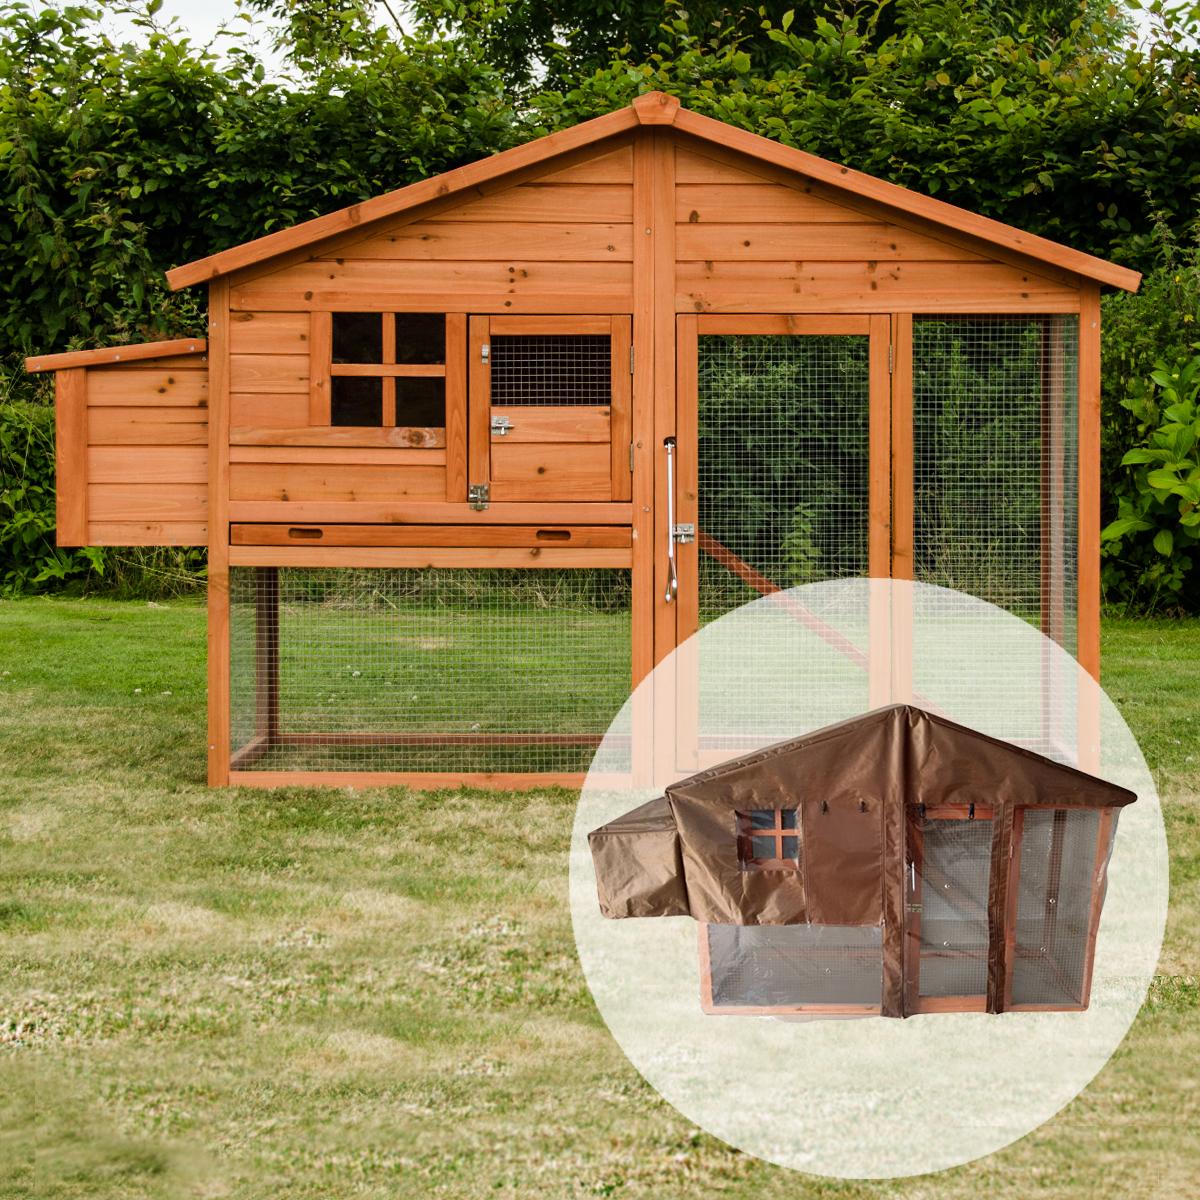 Ebay for Duck house door size